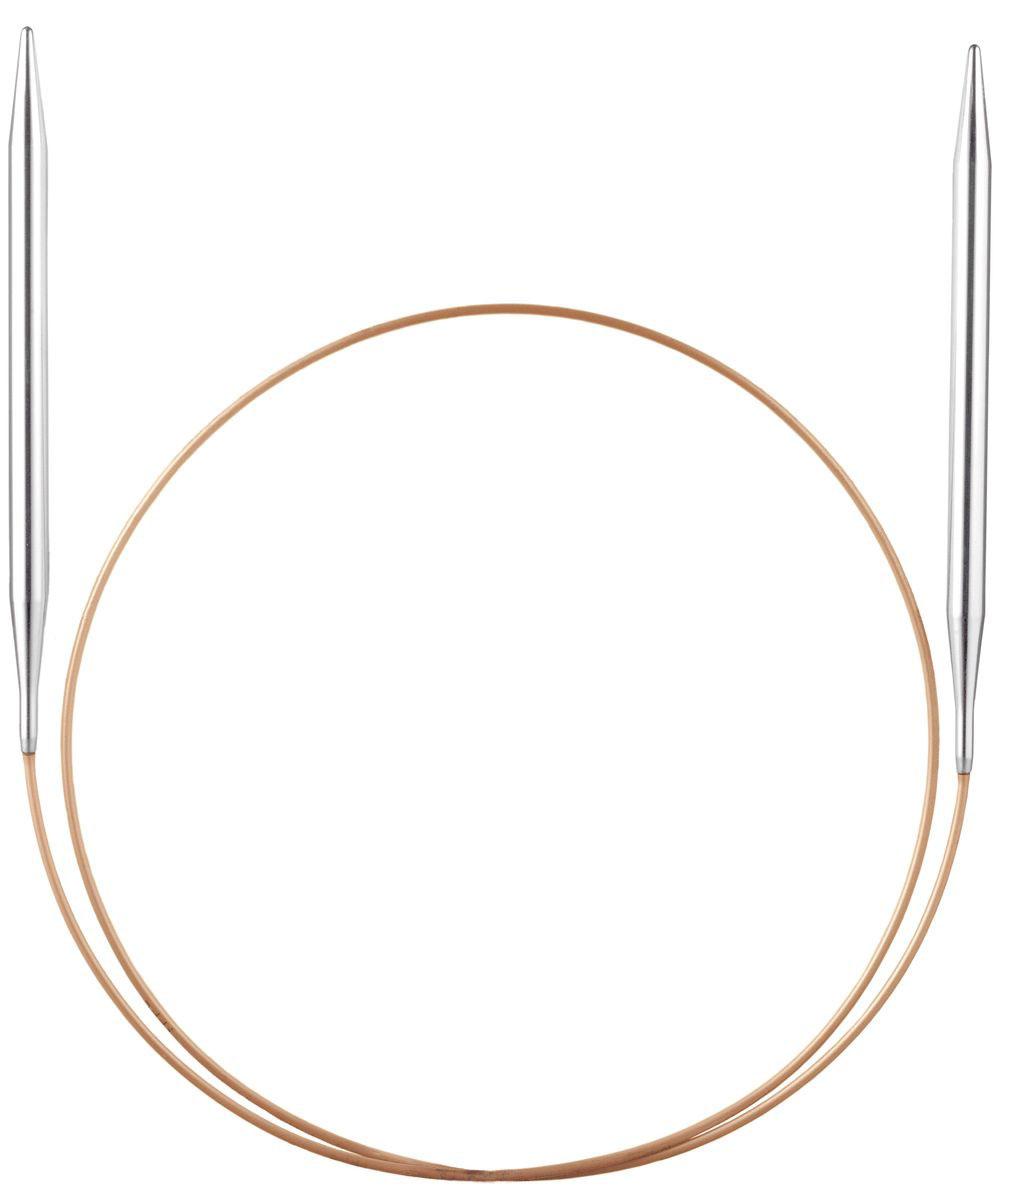 Спицы круговые Addi, супергладкие, диаметр 9 мм, длина 120 см105-7/9-120Спицы Addi, изготовленные из никеля, прекрасно подойдут для вязания изделий без швов. Короткими круговыми спицами вяжут бейки горловины, шапки и варежки, длинными спицами можно вязать по кругу целые модели, например, свитера и пуловеры. Полые и очень легкие спицы с удлиненным кончиком скреплены гибкой леской. Гладкое покрытие и тонкие переходы от спицы к леске позволяют петлям легче скользить. Малый вес изделия убережет ваши руки от усталости при вязании. Вы сможете вязать для себя, делать подарки друзьям. Работа, сделанная своими руками, долго будет радовать вас и ваших близких.